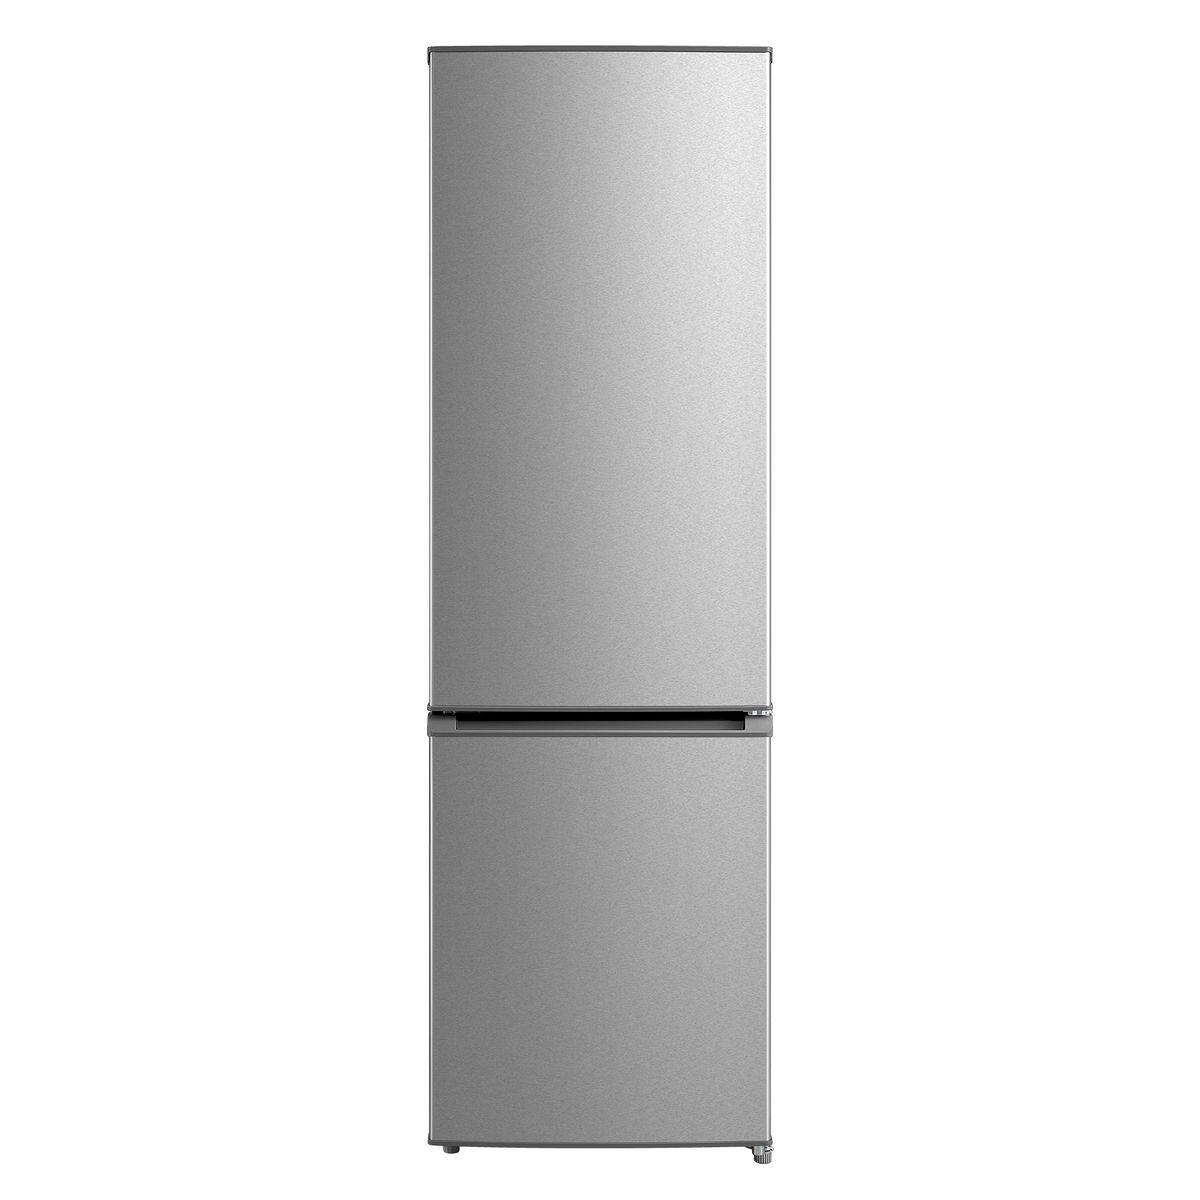 Réfrigérateur combiné 154617, 265 L, Froid no frost